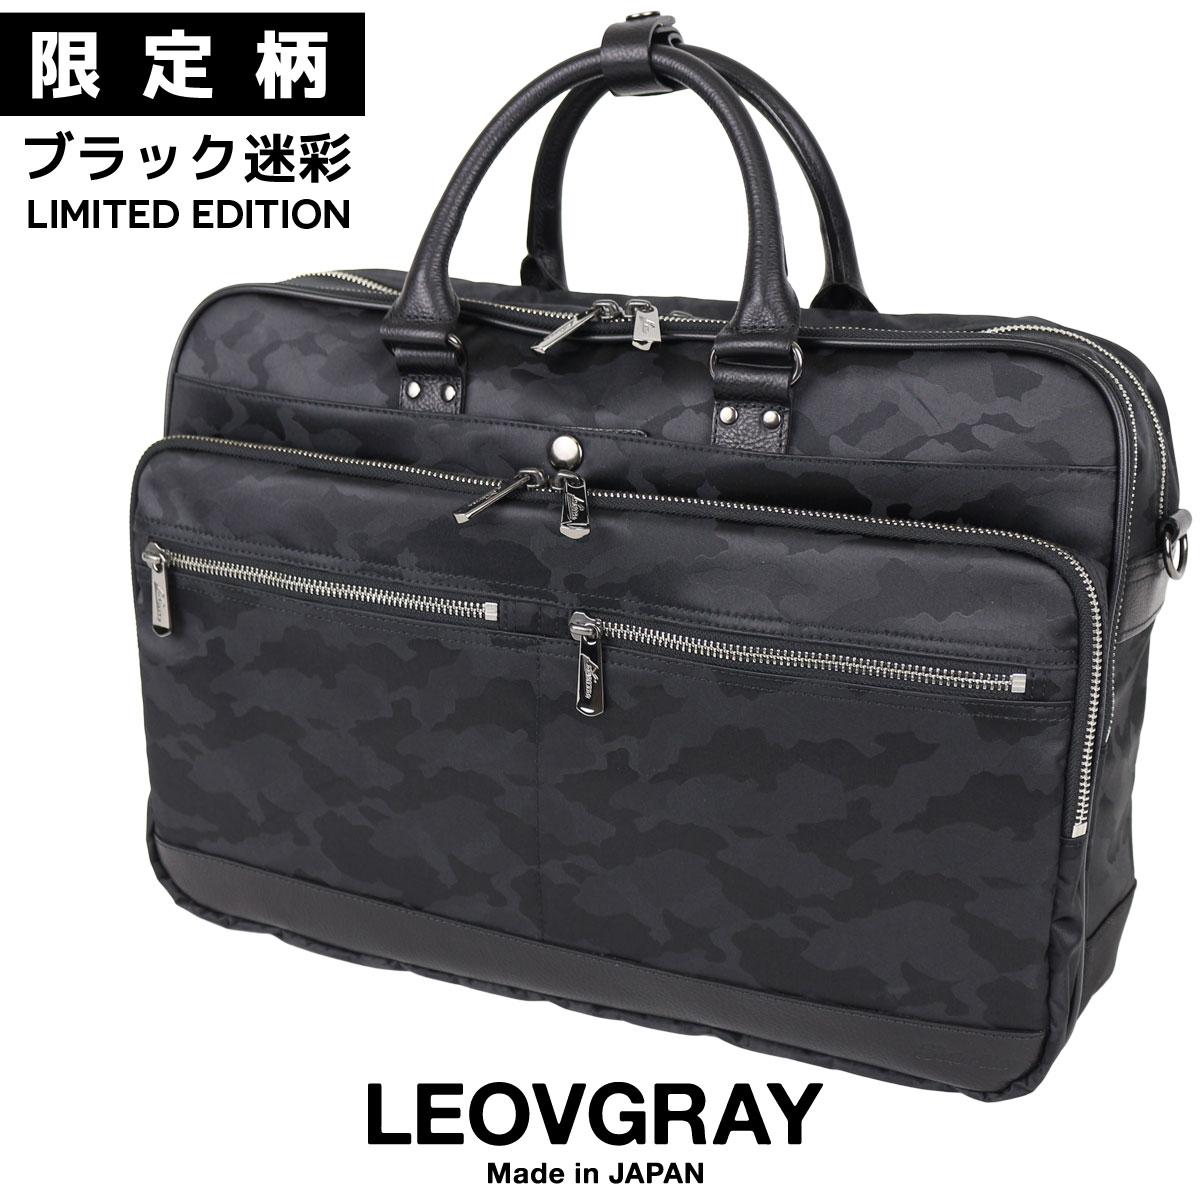 【限定ブラック迷彩柄】STARTTS LEOVGRAY(レオビグレイ)メイドインジャパン 新型/日本製×本革 3WAYセットアップブリーフ【LG-13ME】